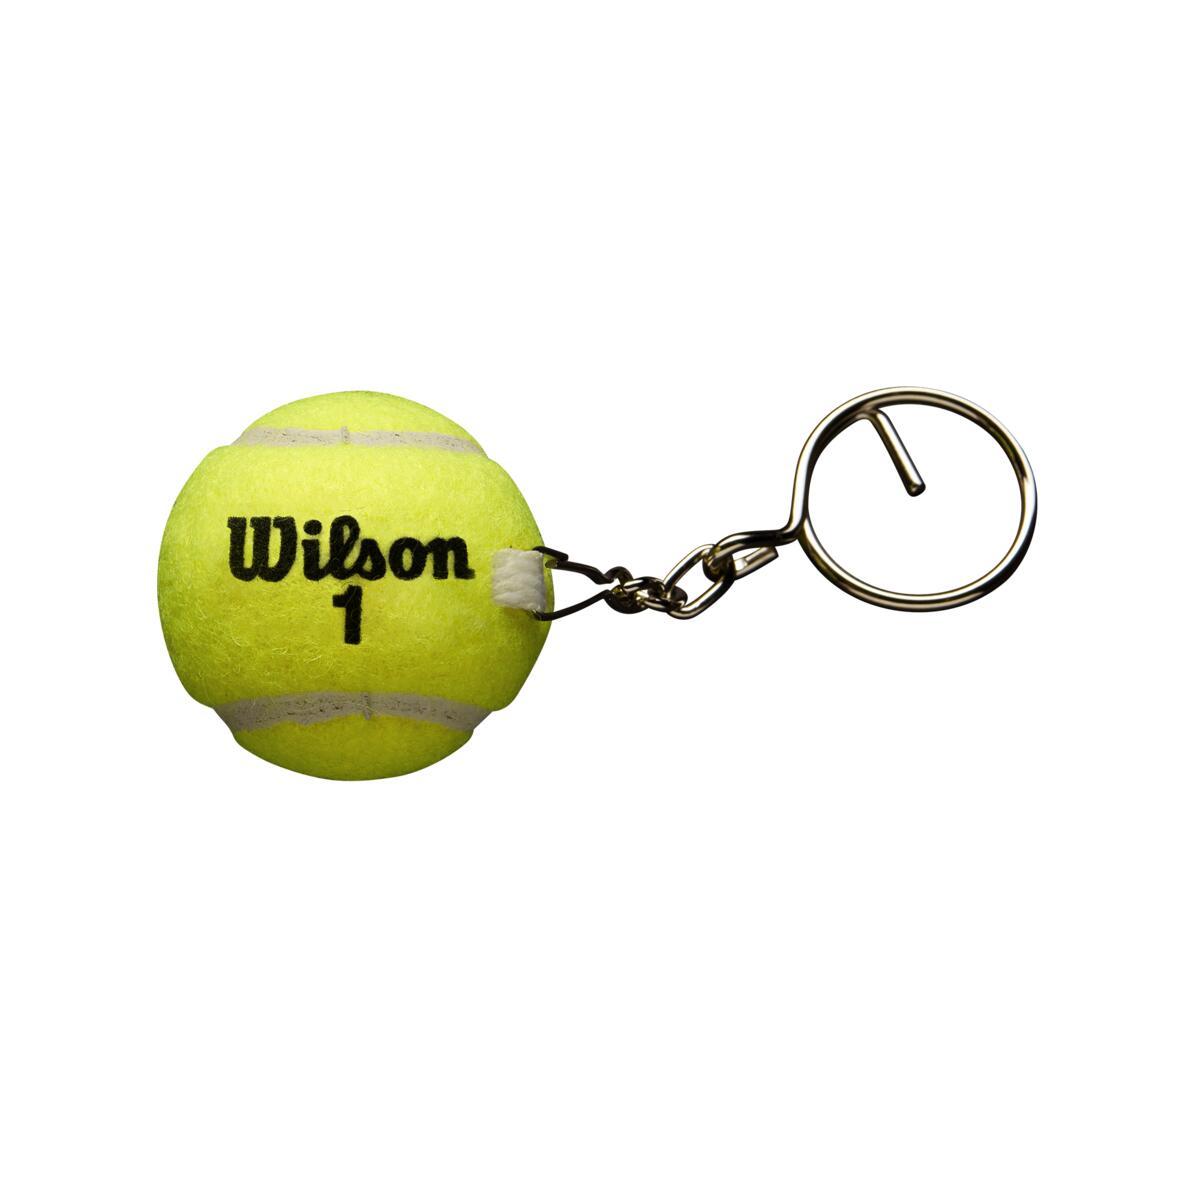 WR8401401_2_Roland_Garros_Tennis_Ball_Keychain_YE_Back.png.cq5dam.web.1200.1200